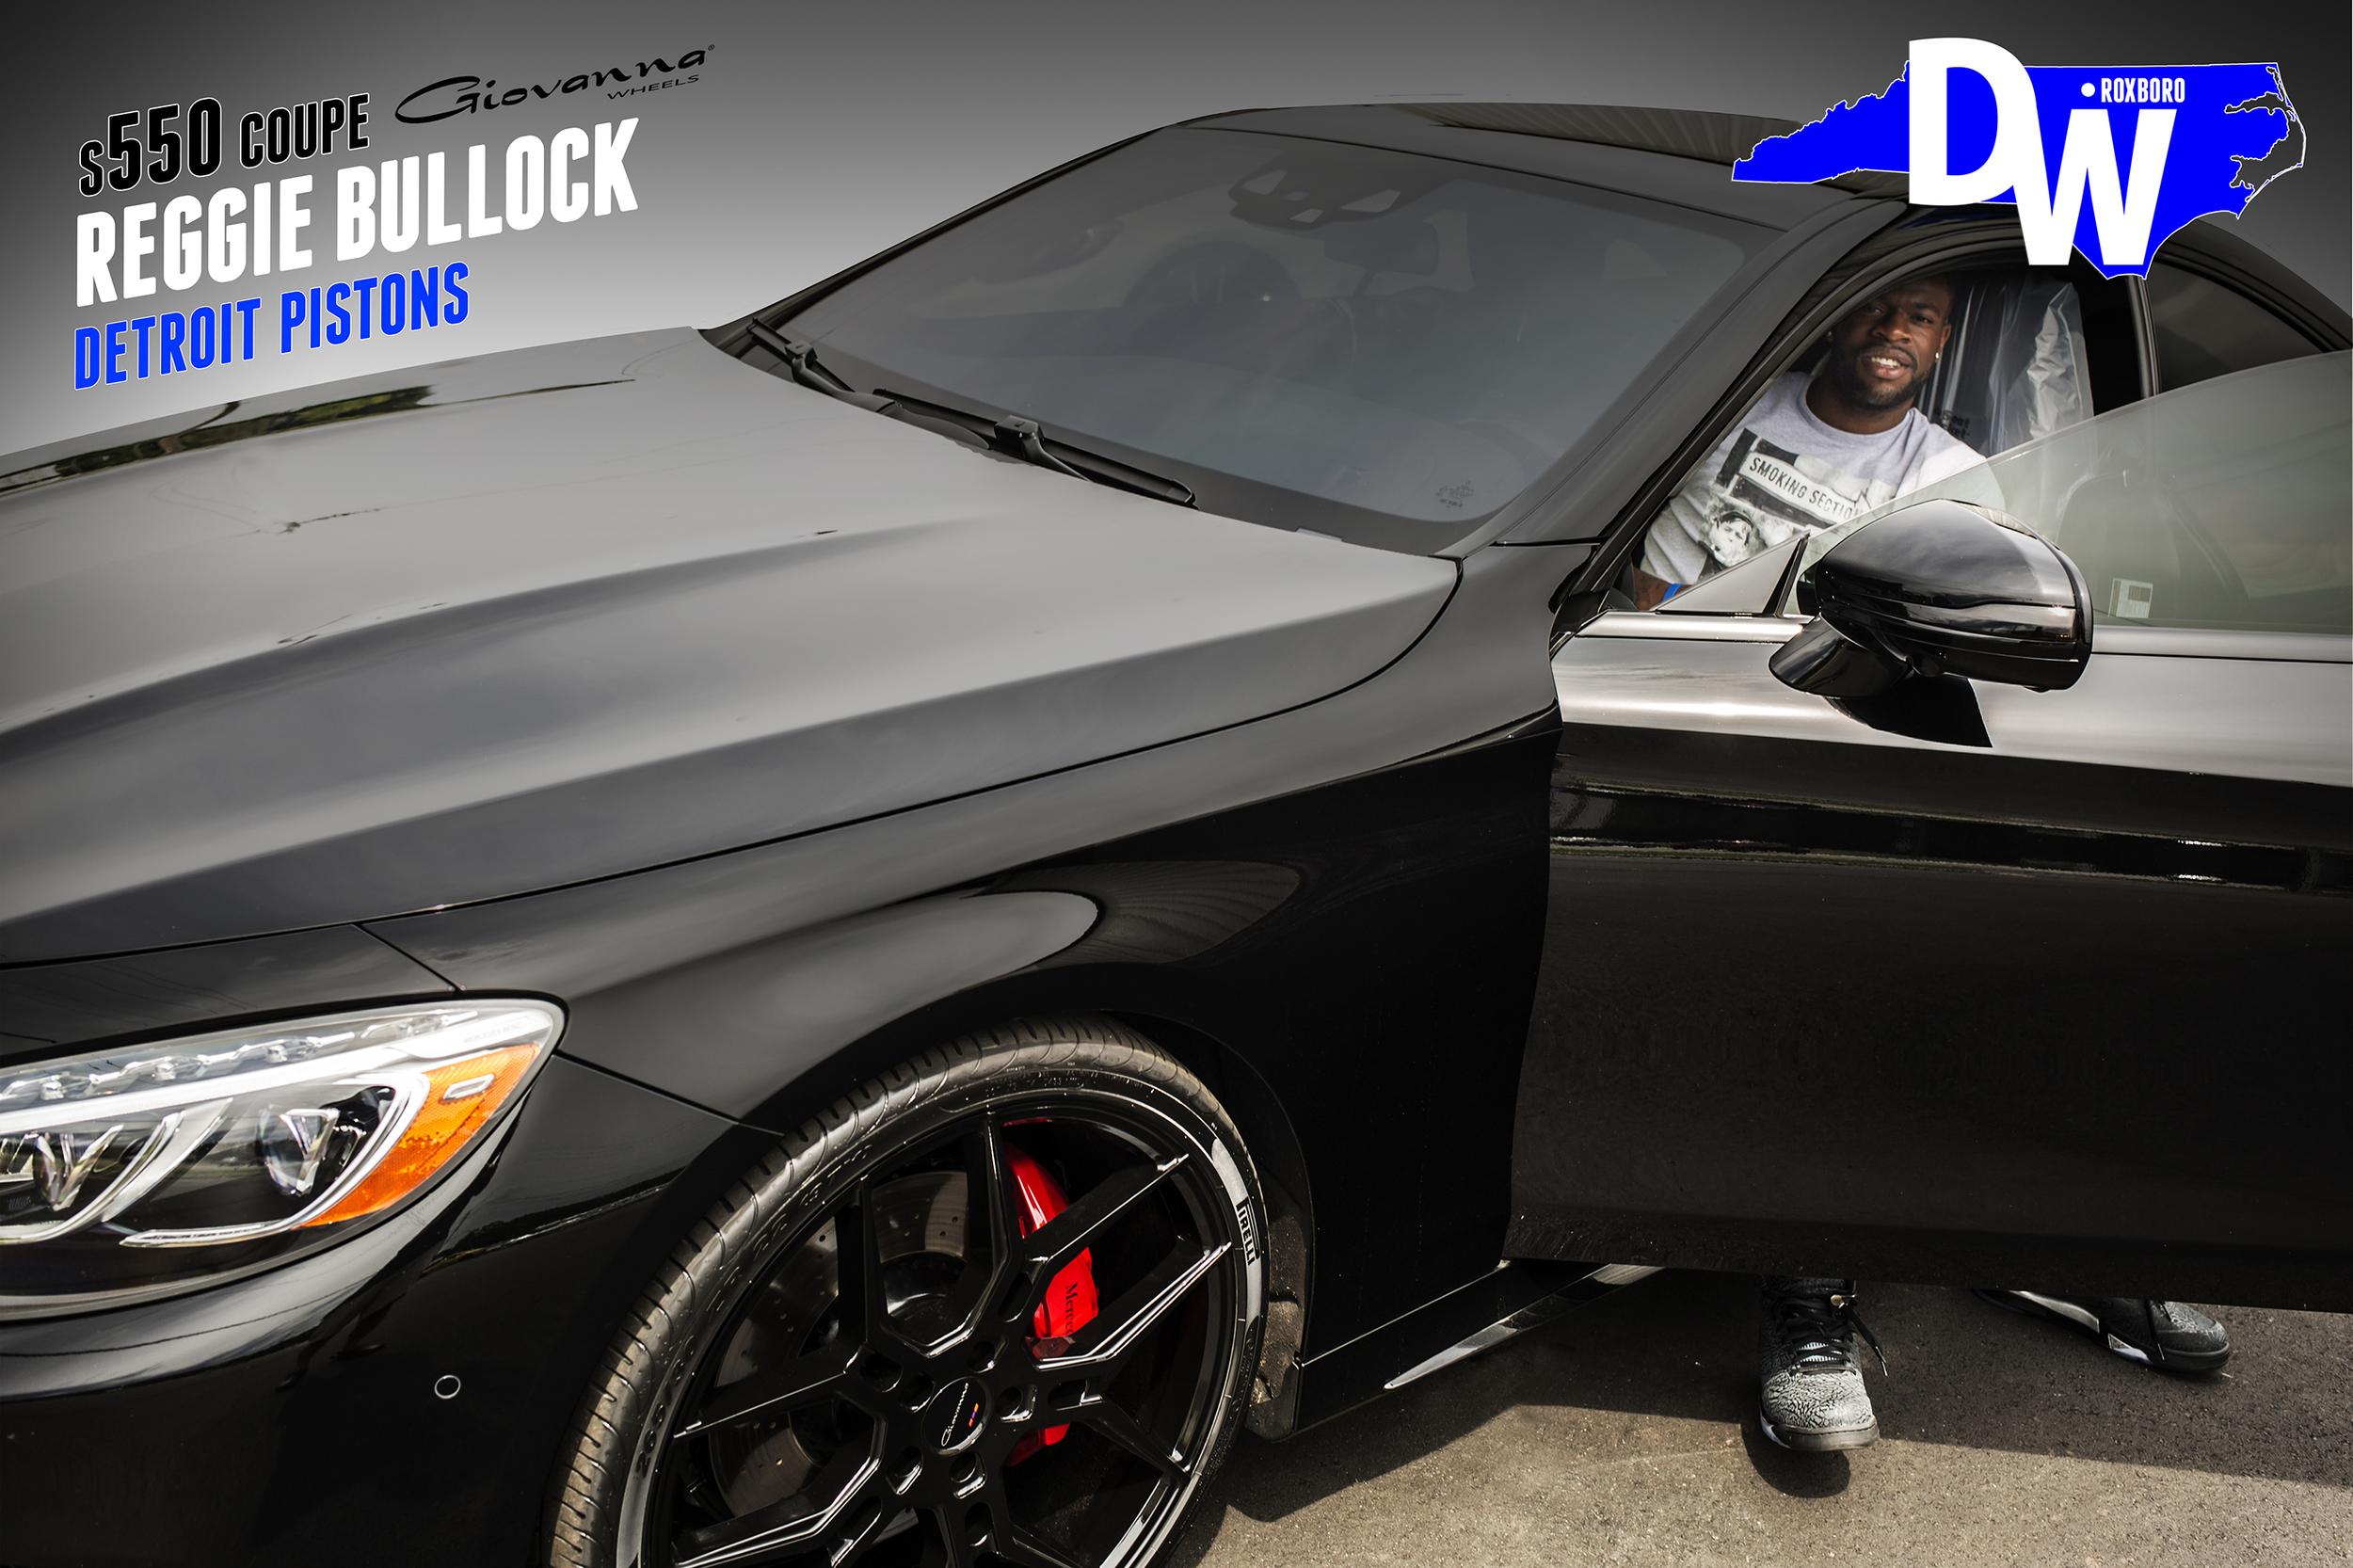 Reggie-Bullock-Picks-Up-Car-Close-up.jpg